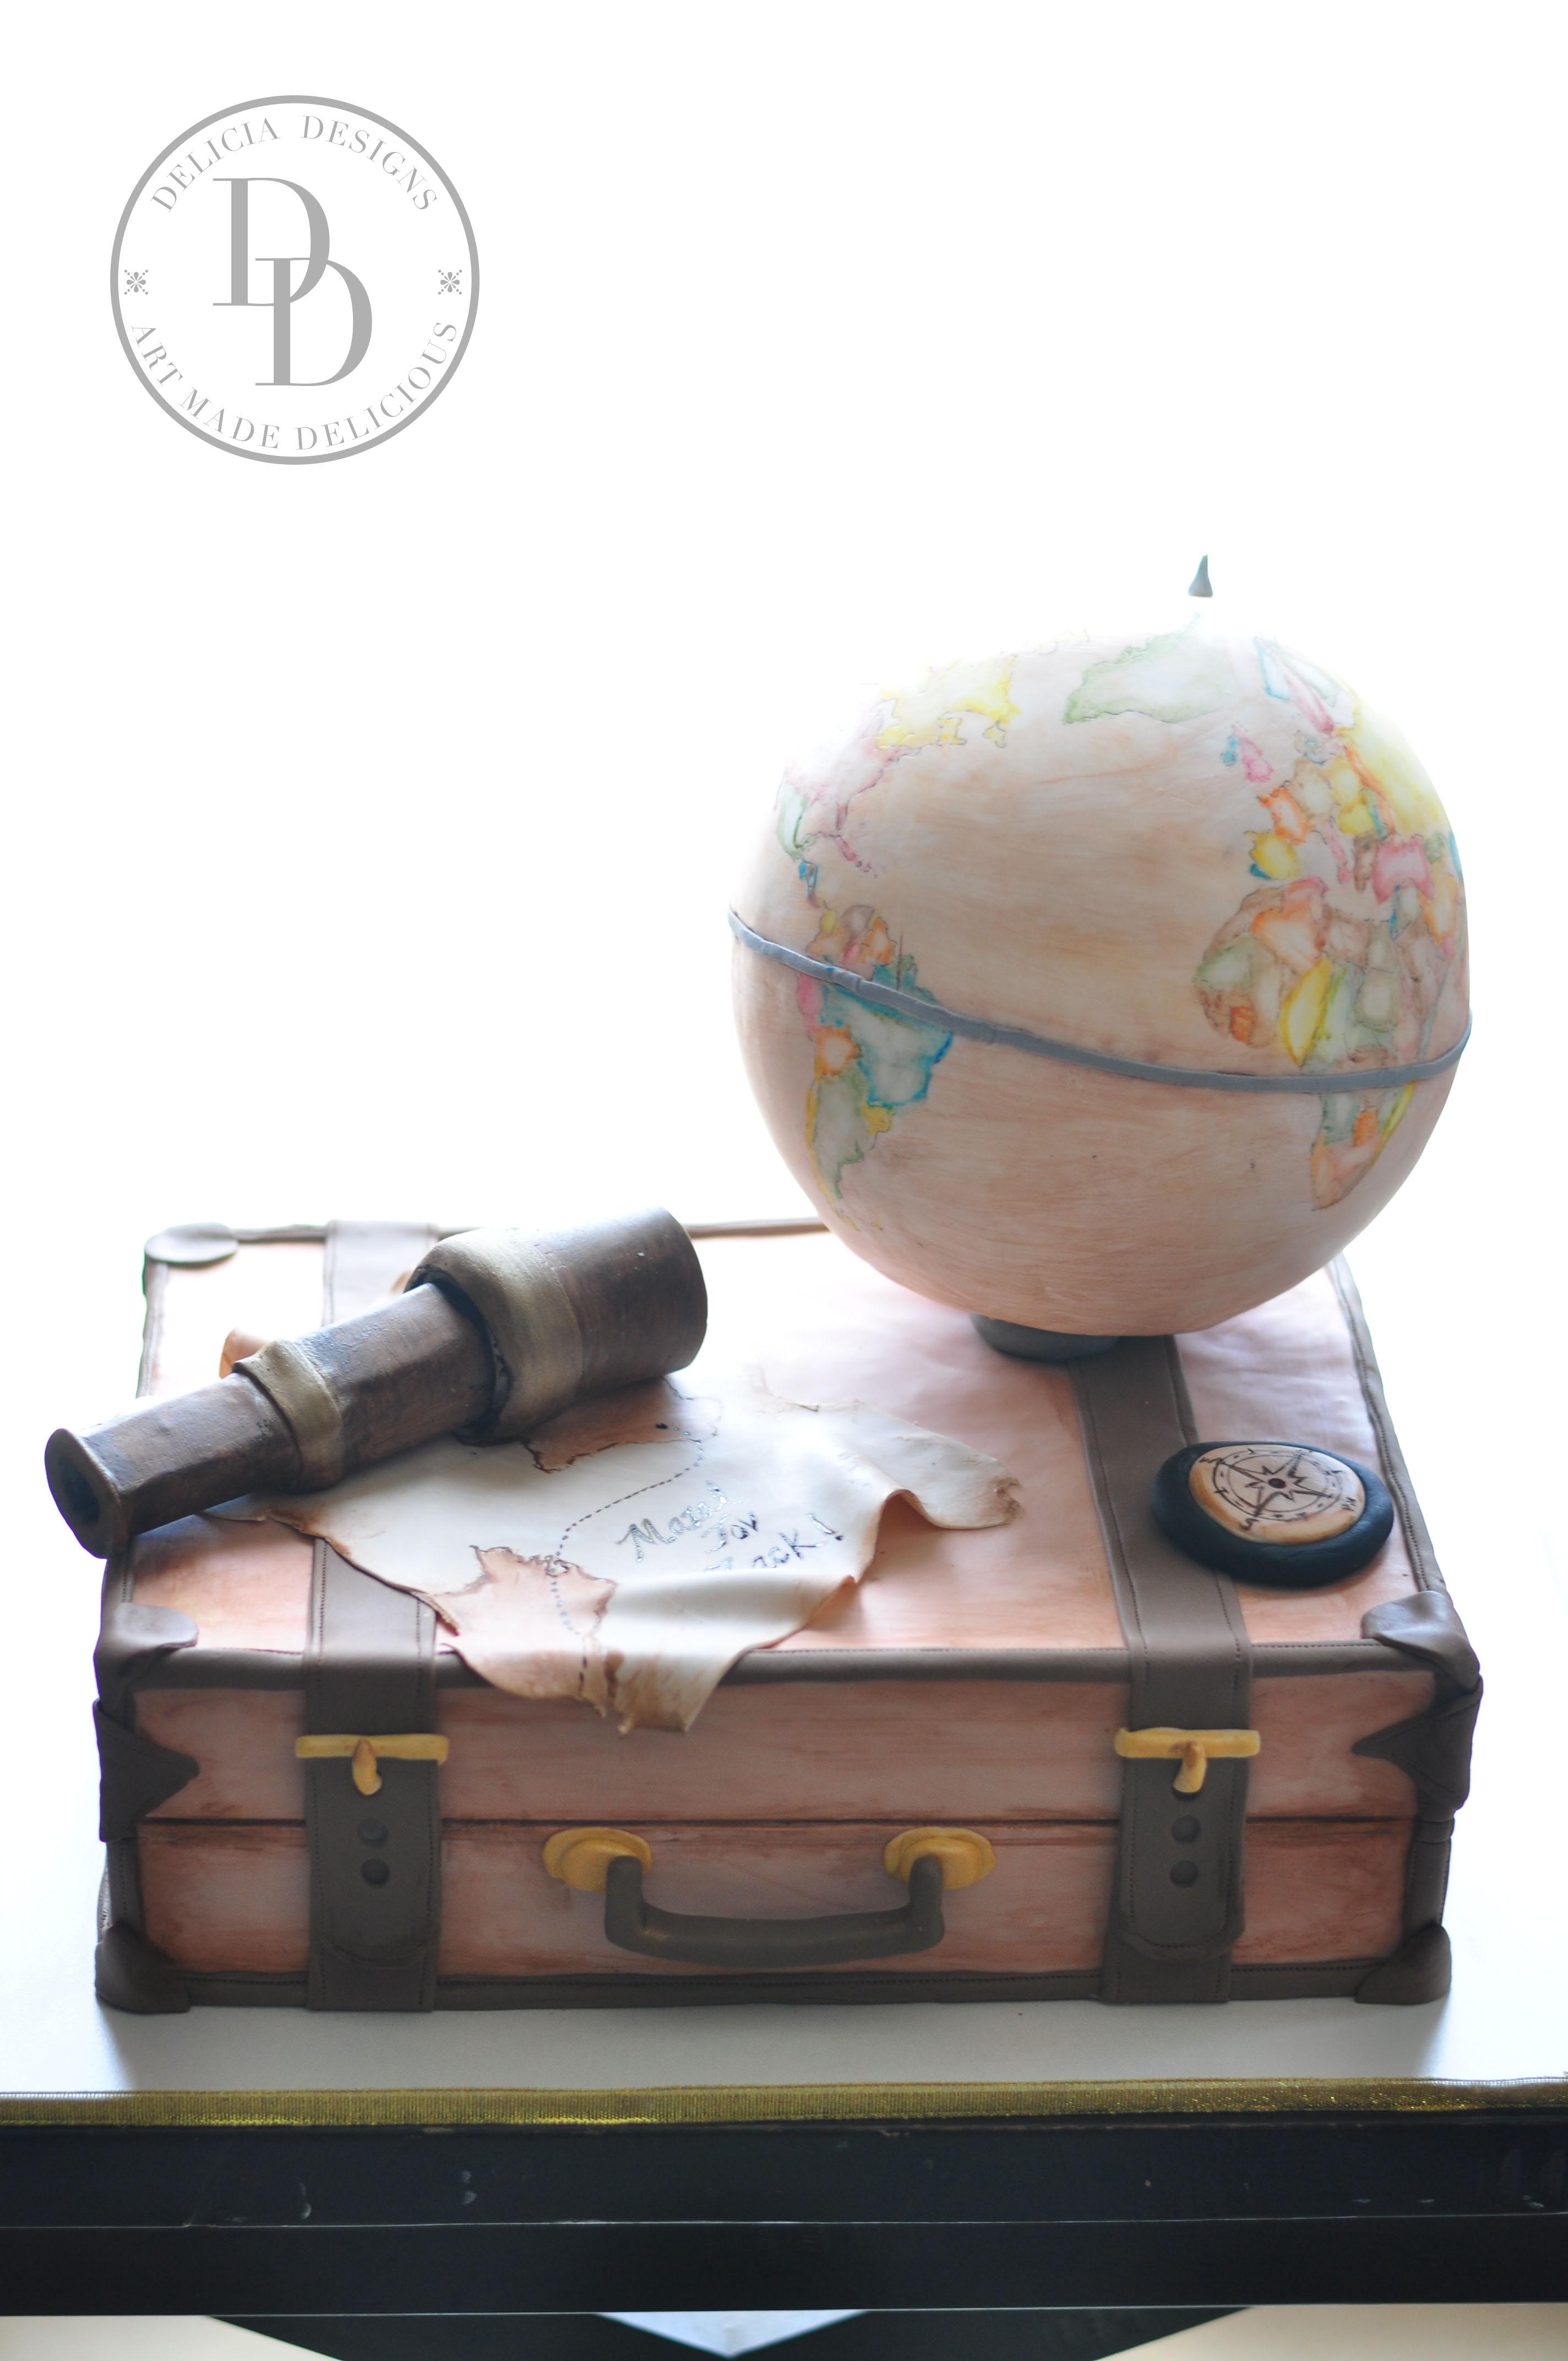 World travel suitcase cake